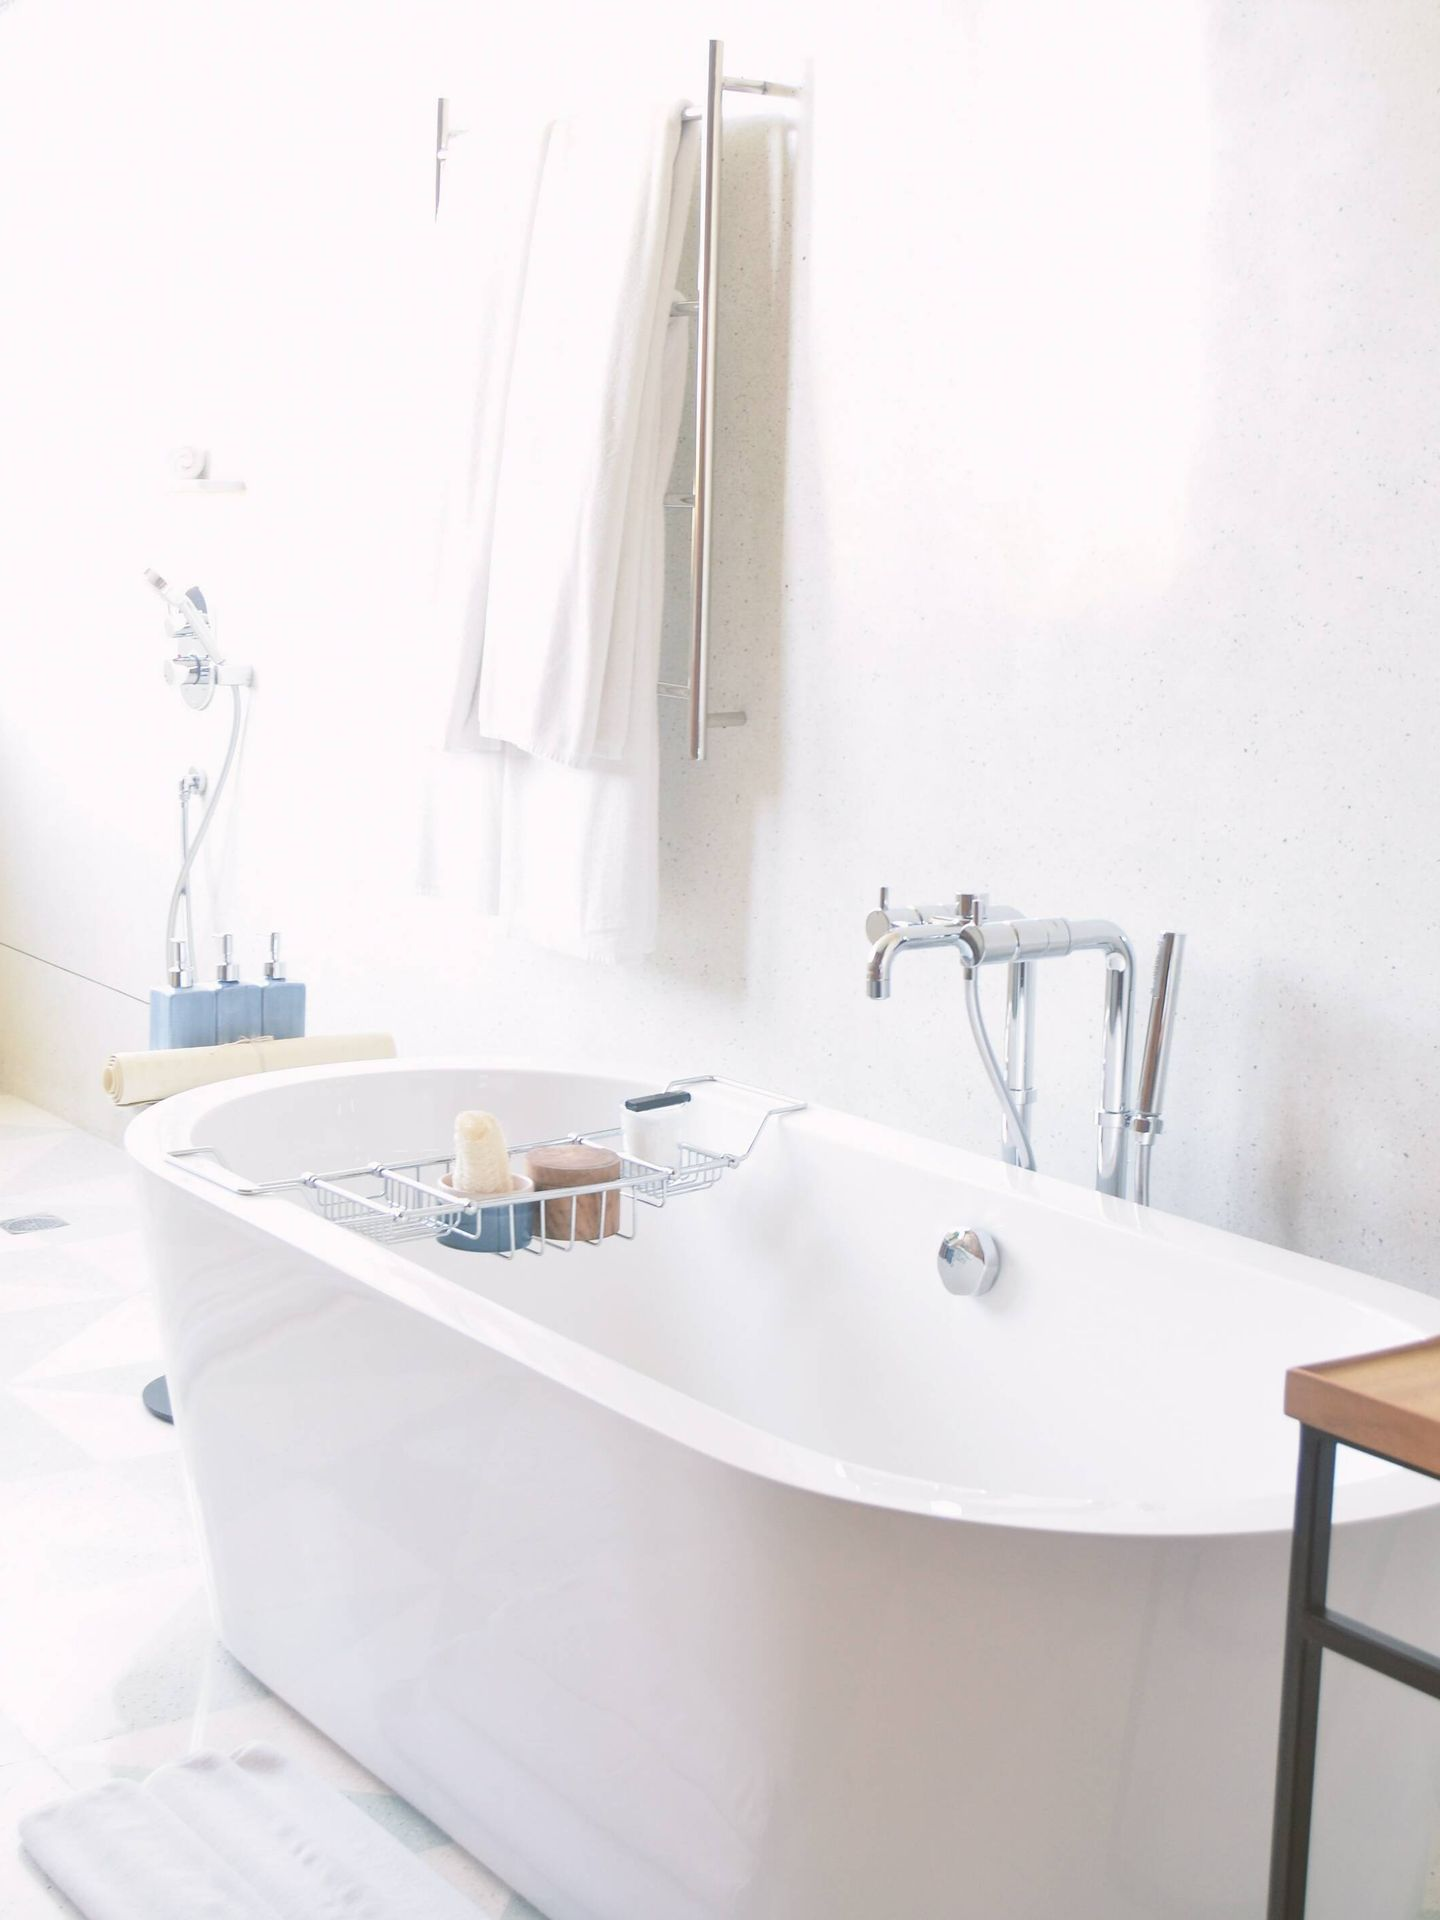 Ventajas e inconvenientes de tener bañera en el cuarto de baño. ( Phebe Tan para Unsplash)